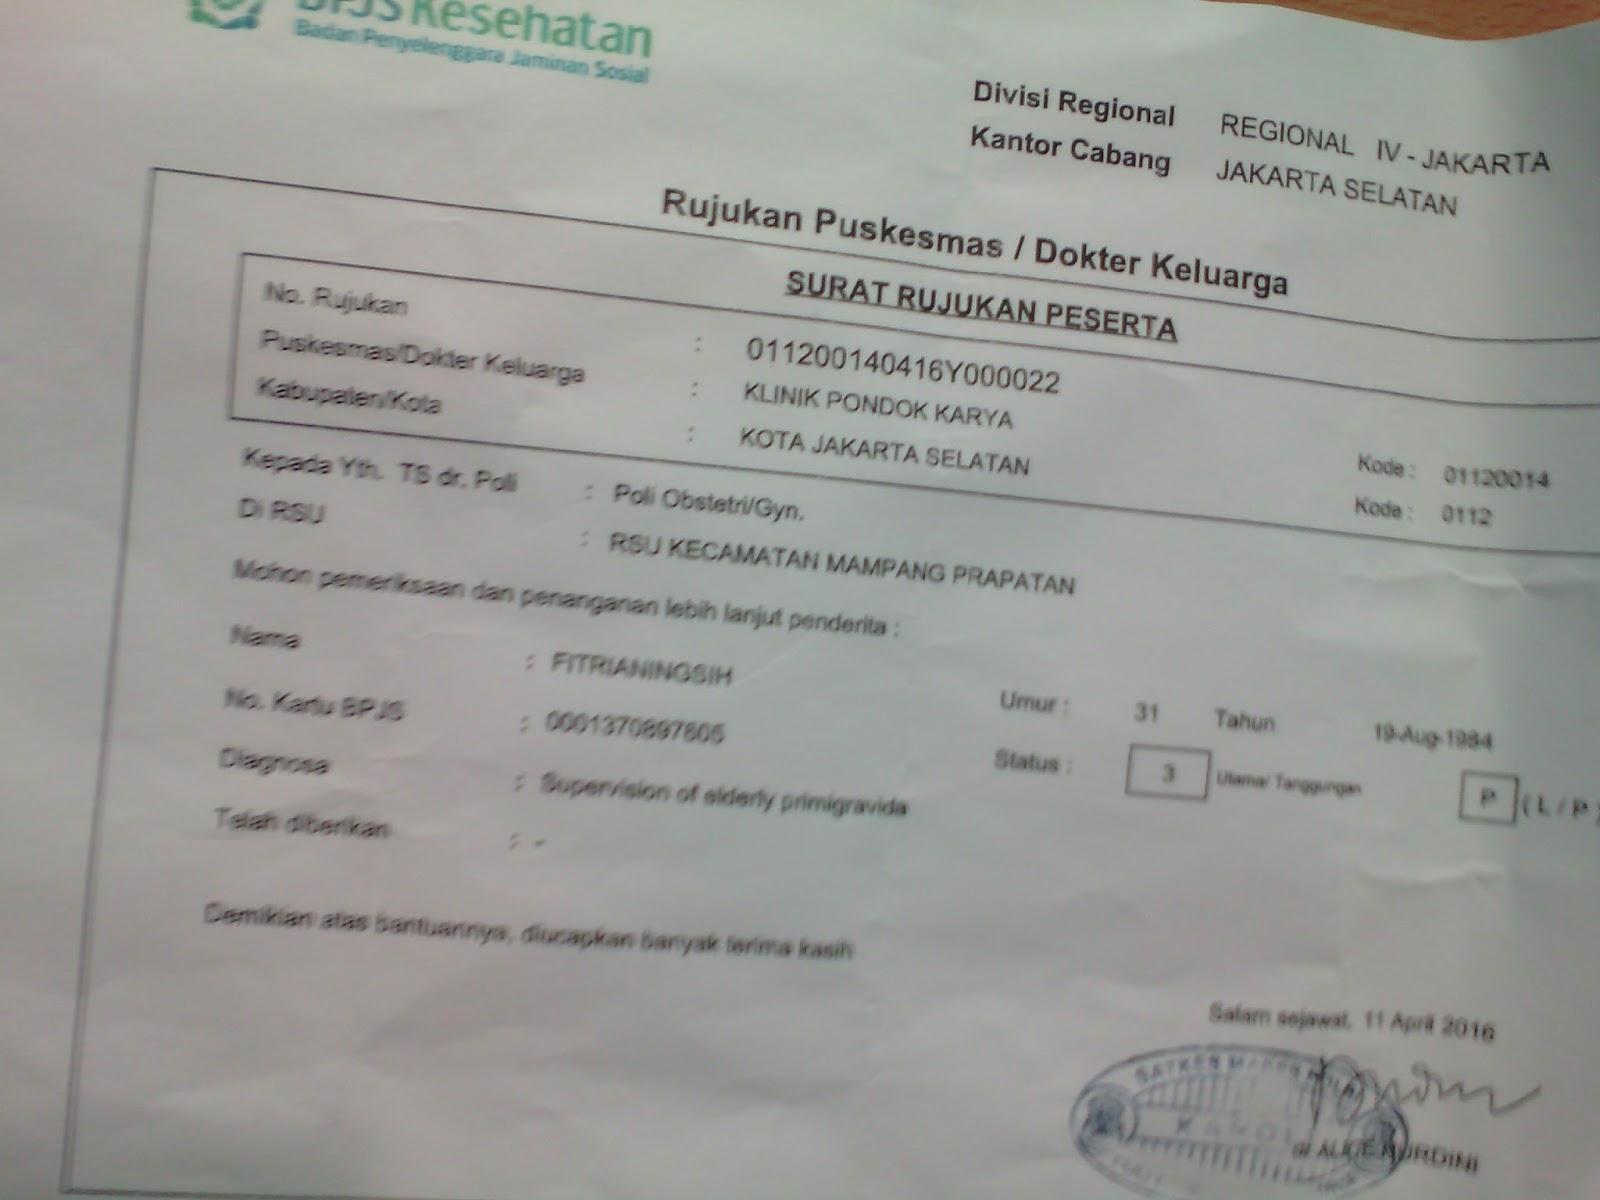 Daftar Faskes Rumah Sakit BPJS Kesehatan di Kendal